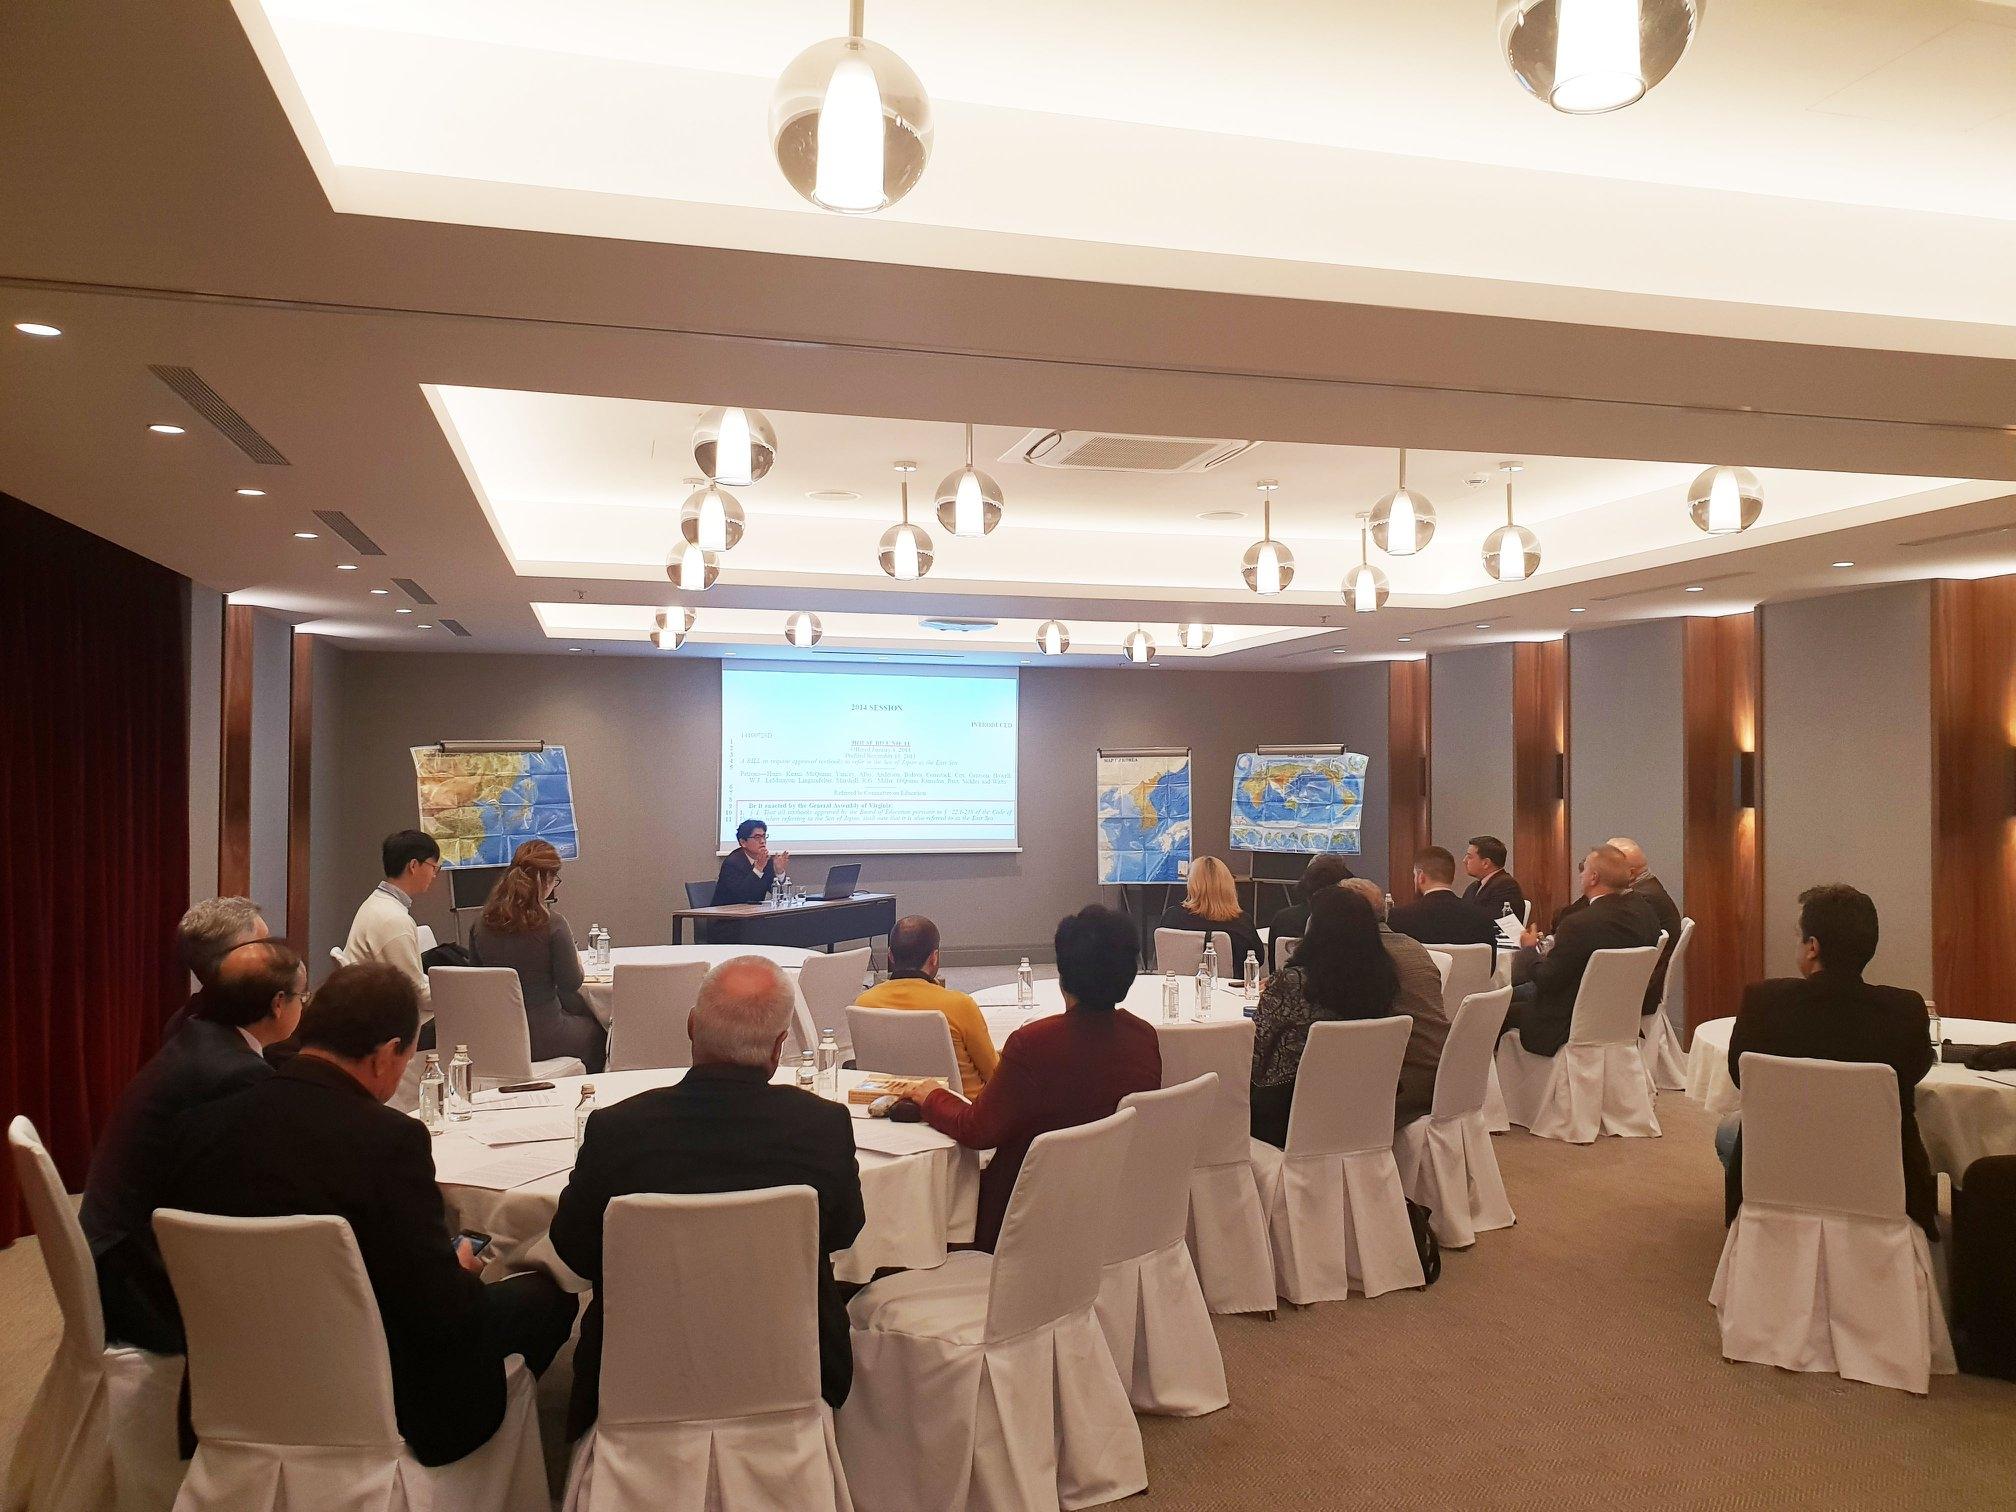 Сътрудничеството в областта на географията и картографията между България и Корея обсъдиха на семинар